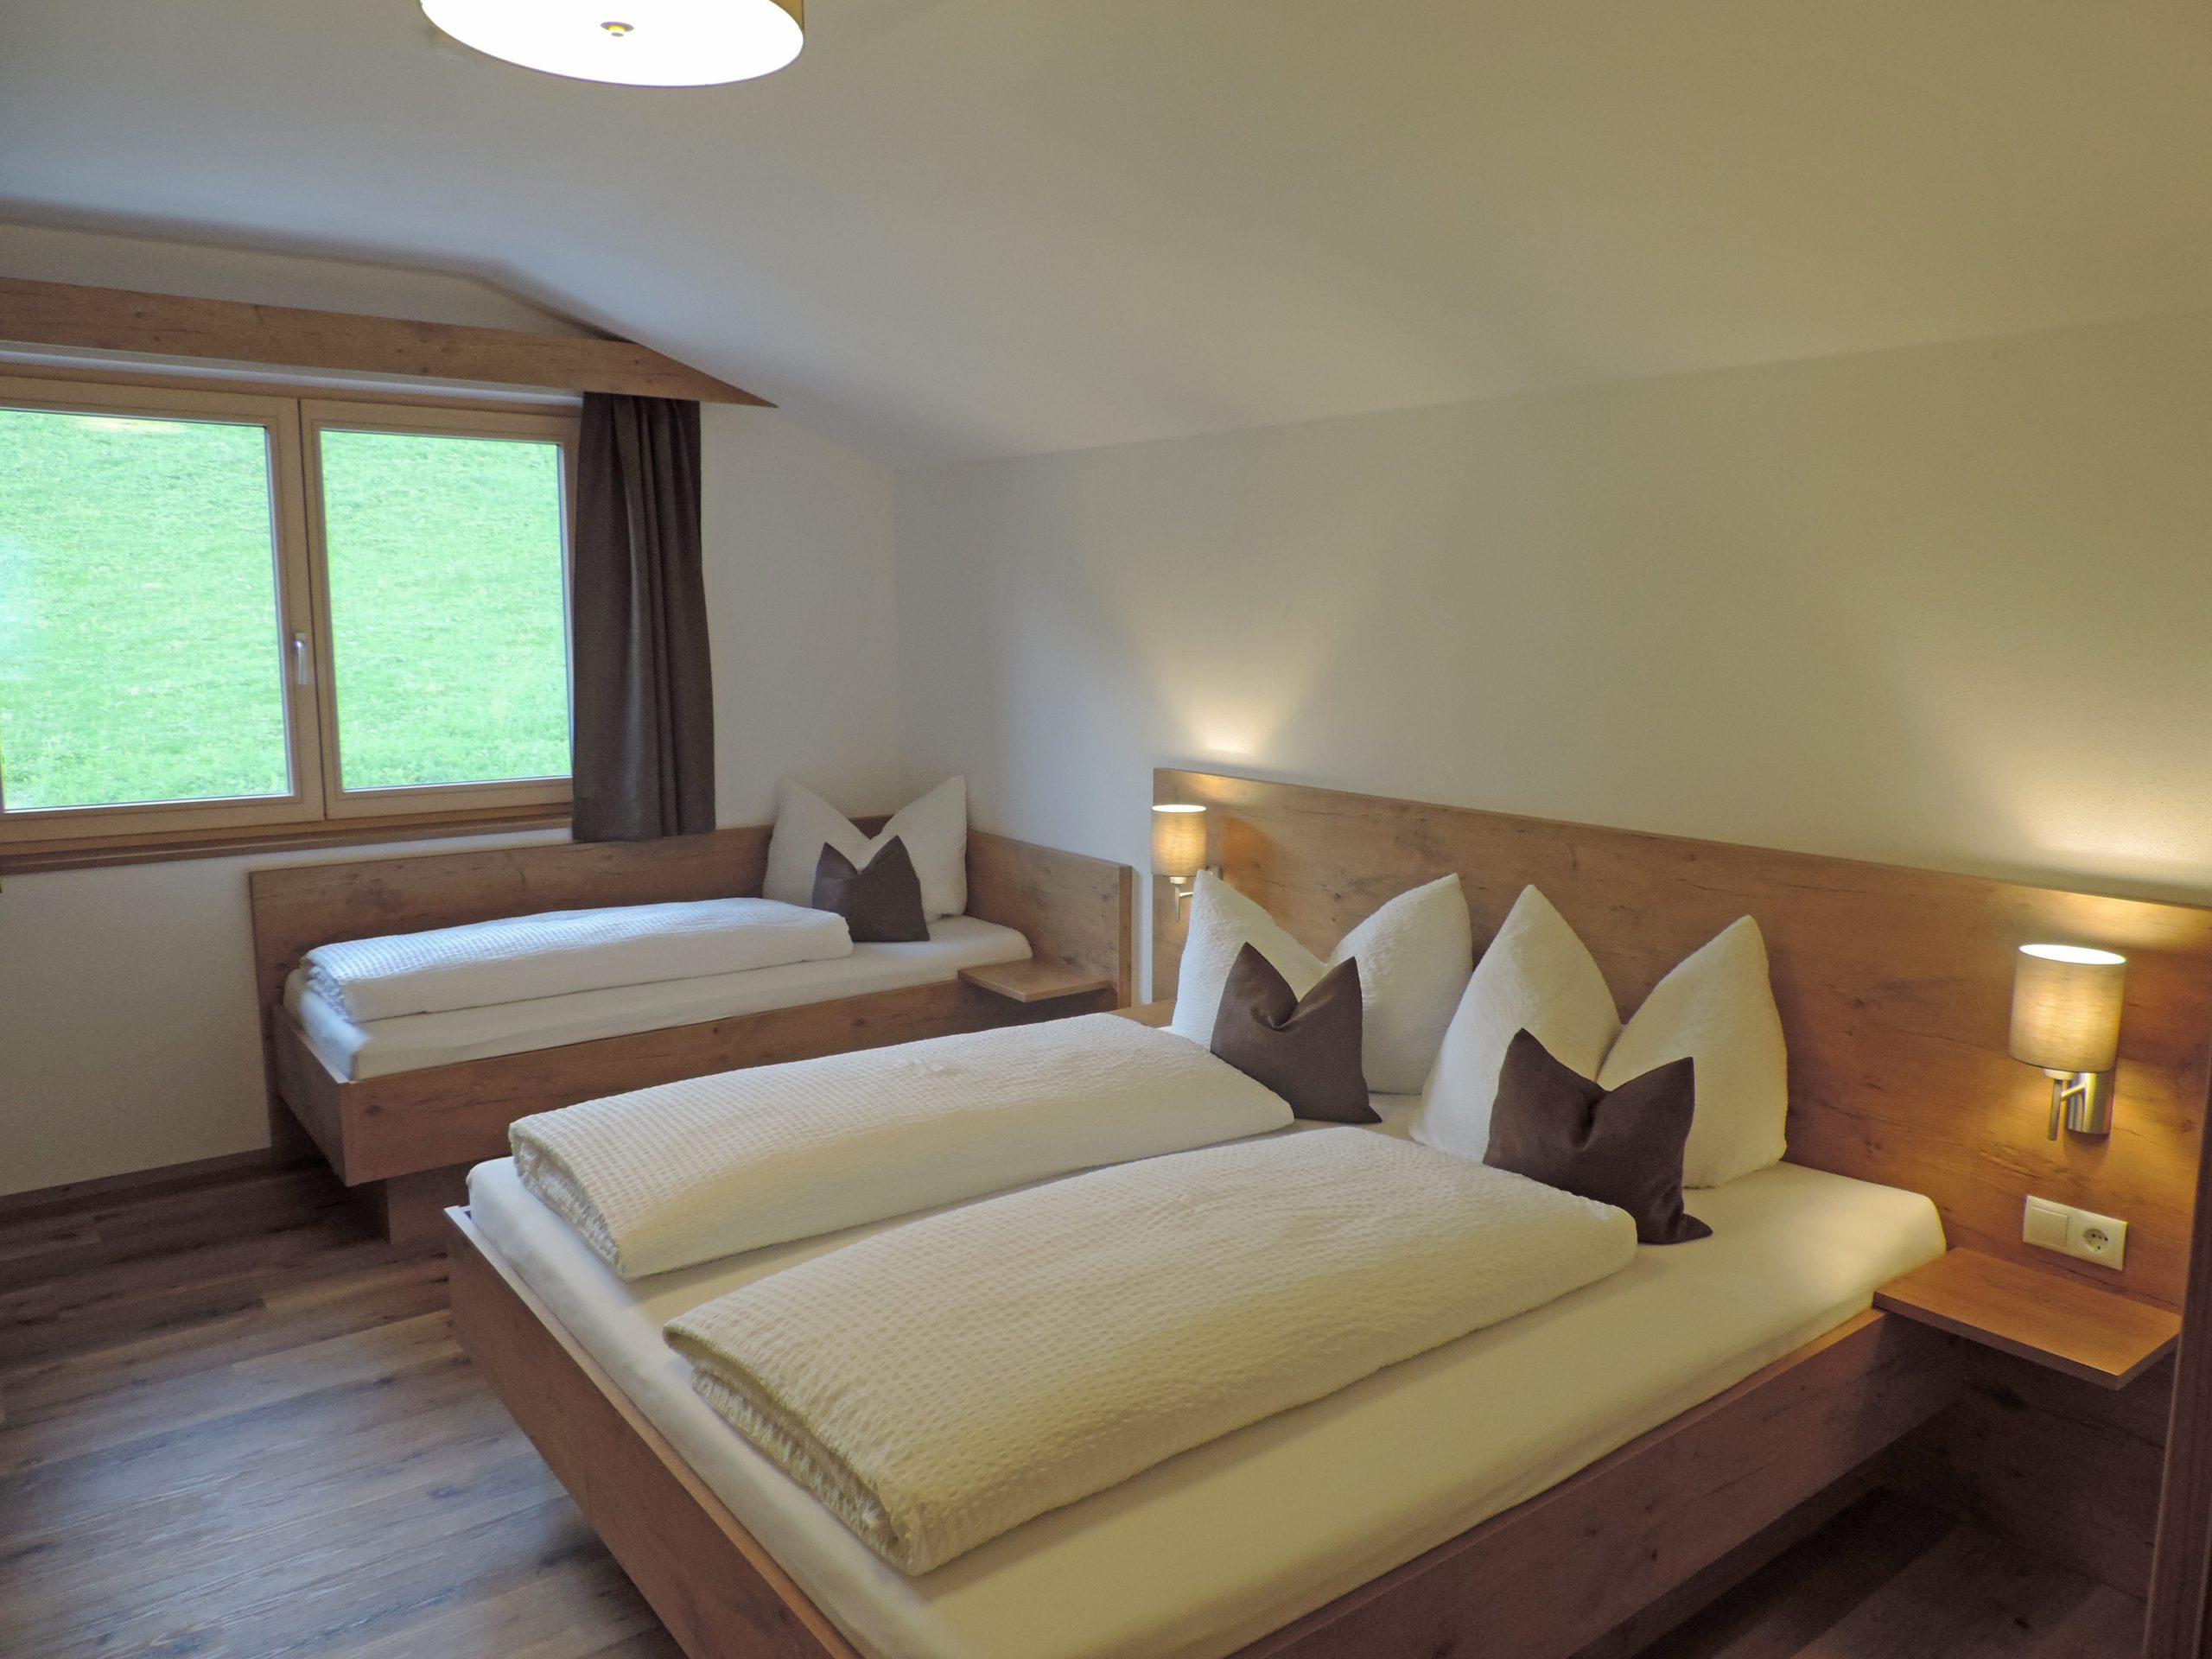 Full Size of Apart Das Romantische Ritzerhof Apartments Schlafzimmer Kommode Weiß Landhausstil Günstige Komplett Kronleuchter Schrank Nolte Set Mit Matratze Und Schlafzimmer Romantische Schlafzimmer